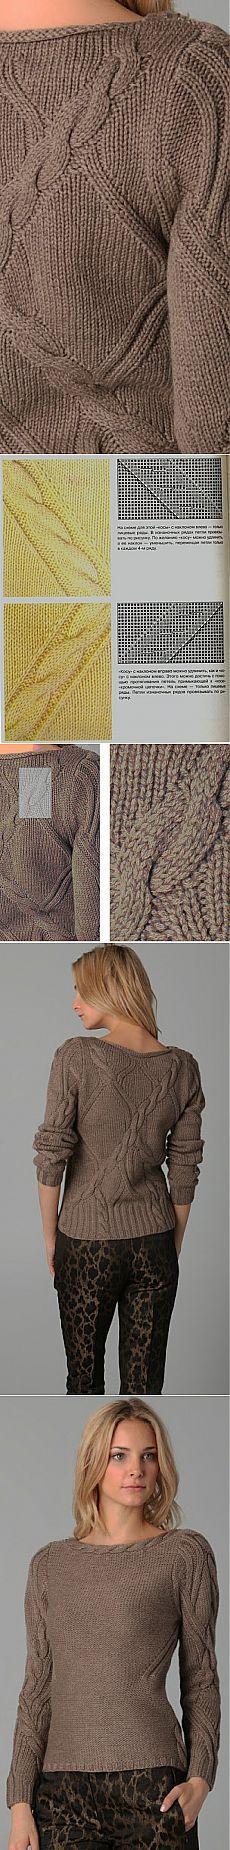 свитер от дизайнера Elie Tahari.